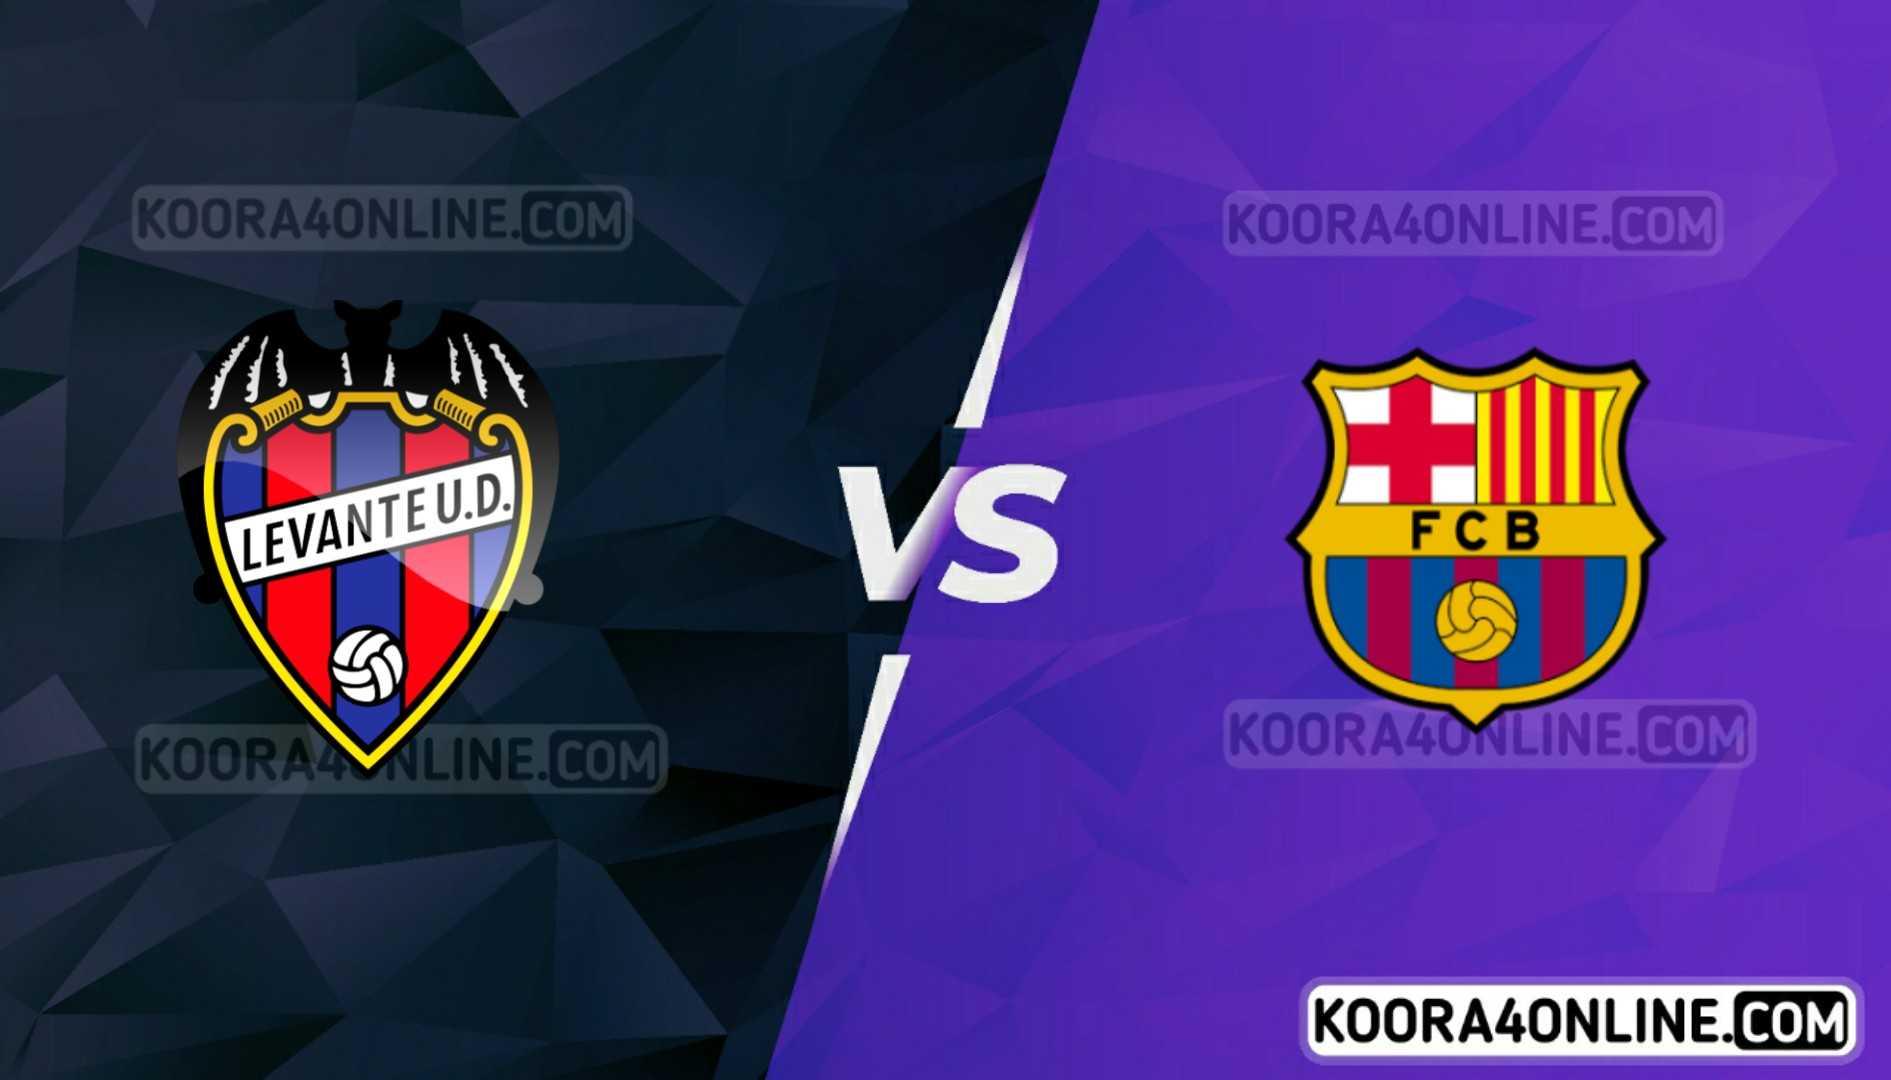 مشاهدة مباراة برشلونة وليفانتي القادمة كورة اون لاين بث مباشر اليوم 26-09-2021 في الدوري الإسباني